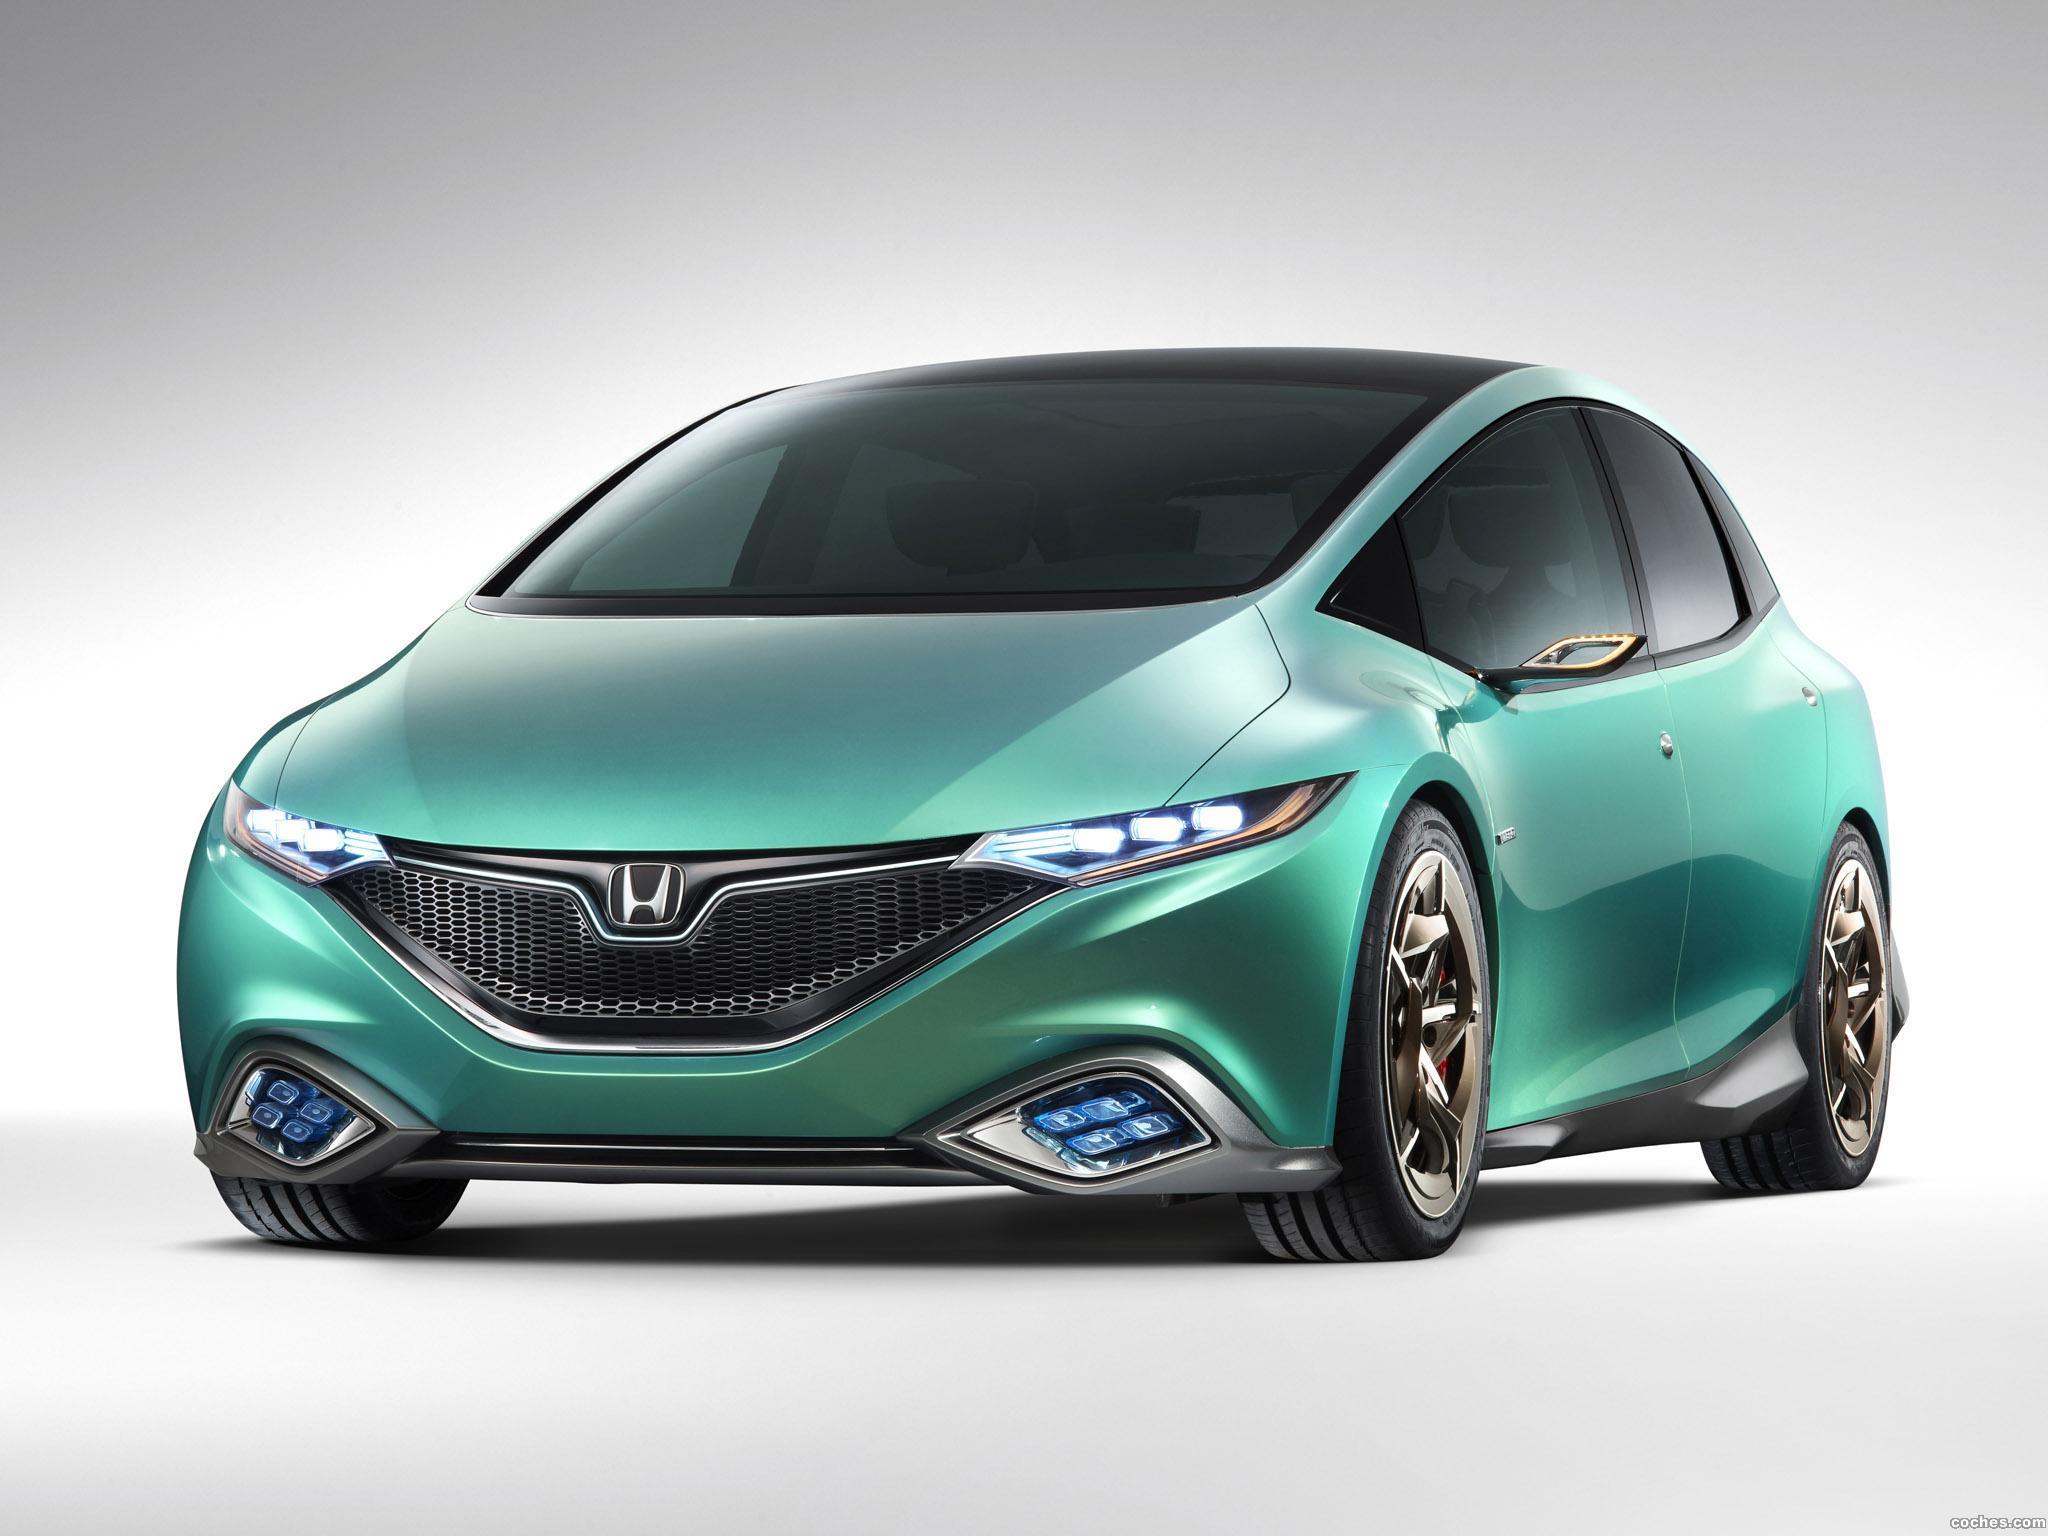 Foto 0 de Honda S Concept 2012